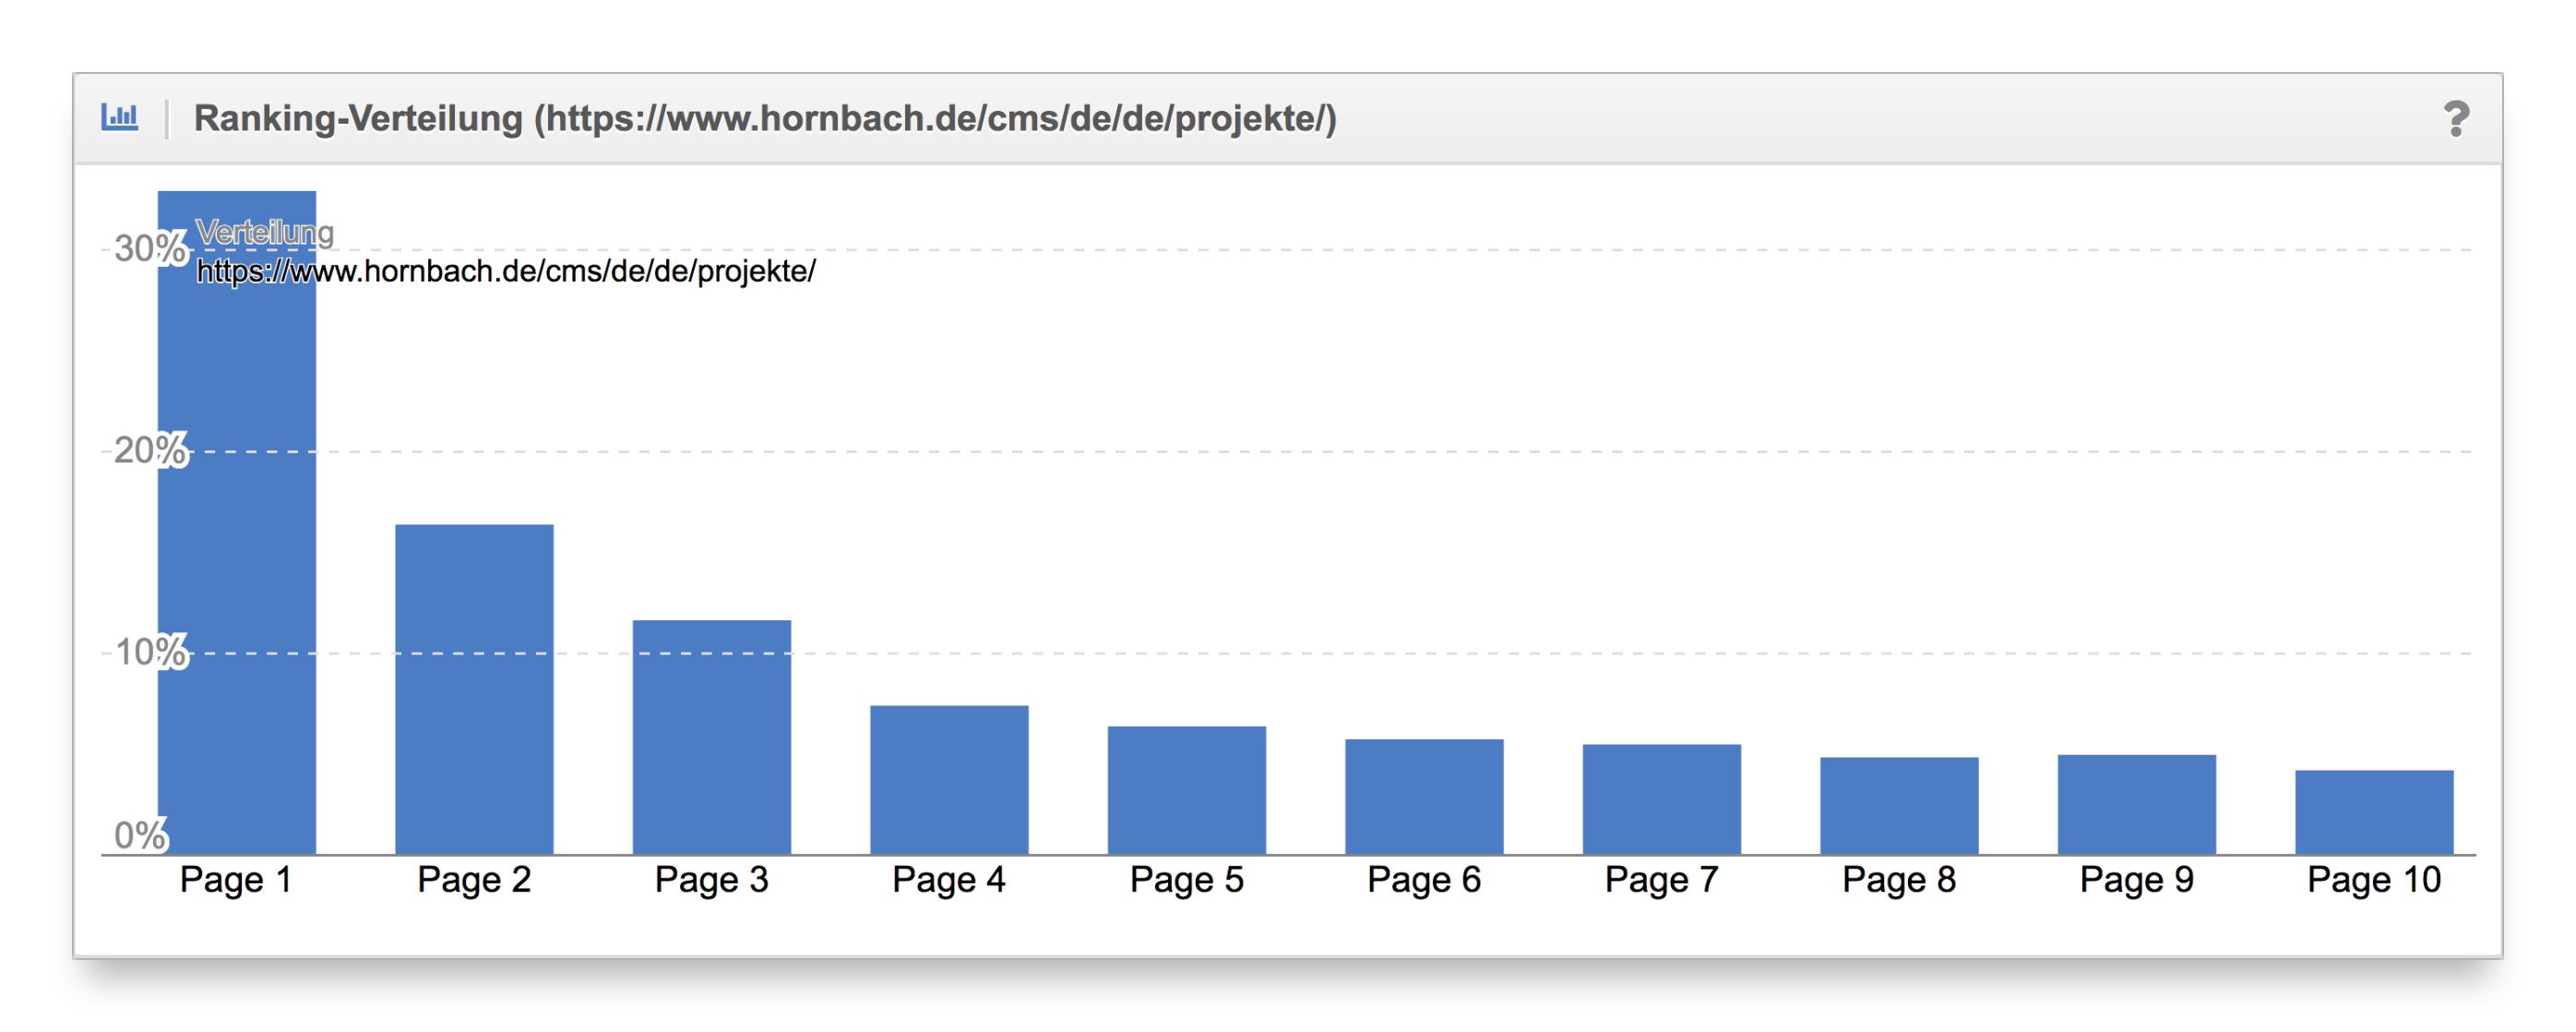 Vergleich Ranking-Verteilung Content-Formate hornbach.de